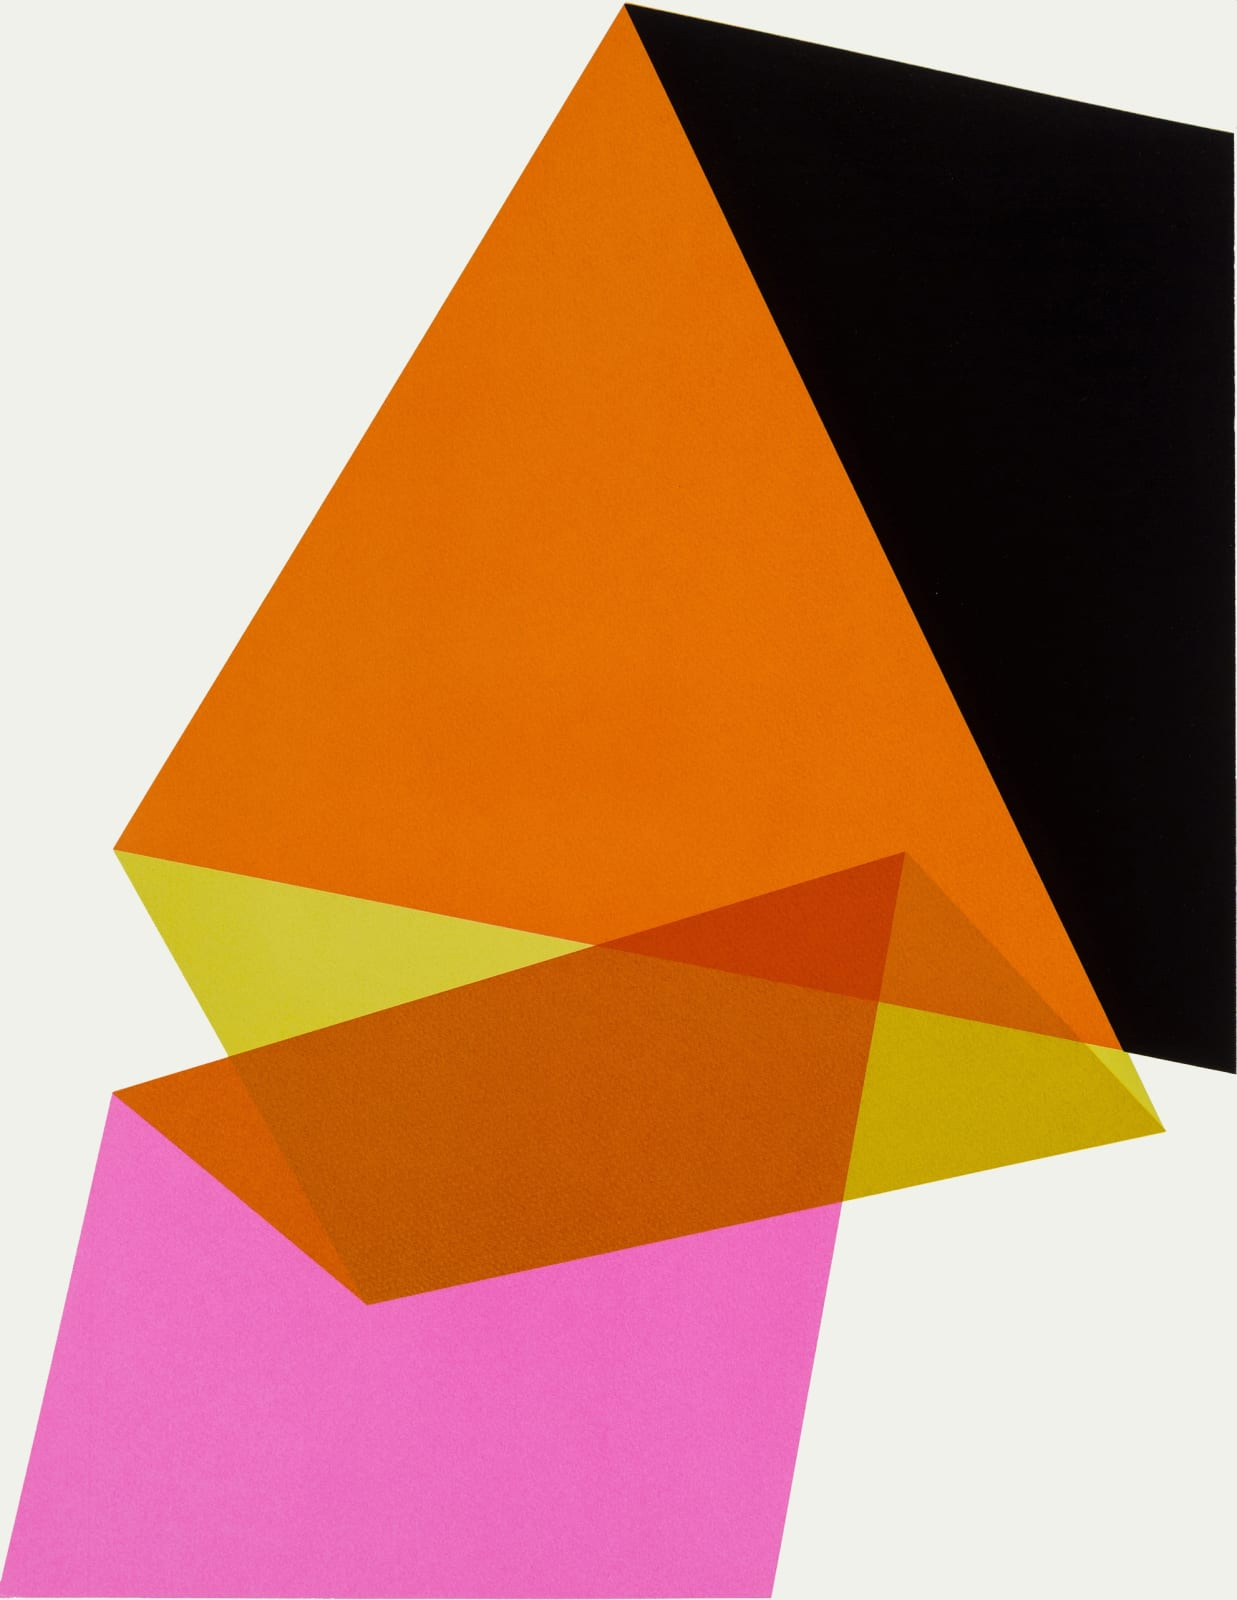 Willard Boepple, 'First Zag' 17.2 15.M, 2015